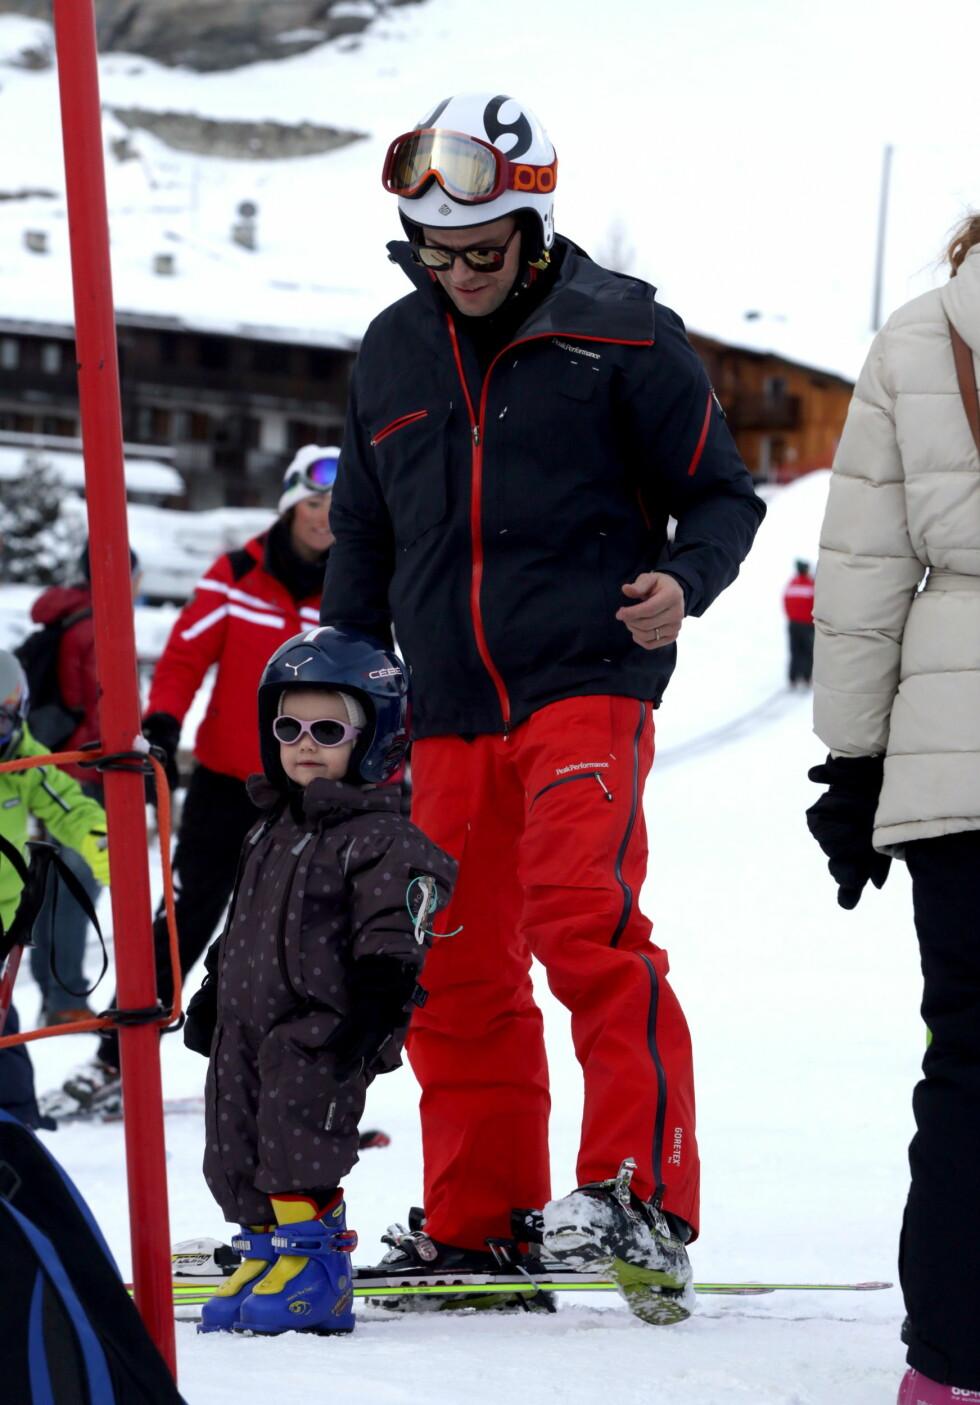 <strong>SKIPRINSESSEN:</strong> Prinsesse Estelle feiret 2-årsdagen på ski i Hemsedal i fjor, mon tro om vinterferien og treårsdagen også i år blir i Norge? Her sammen med pappa i Cervinia.  Foto: All Over Press